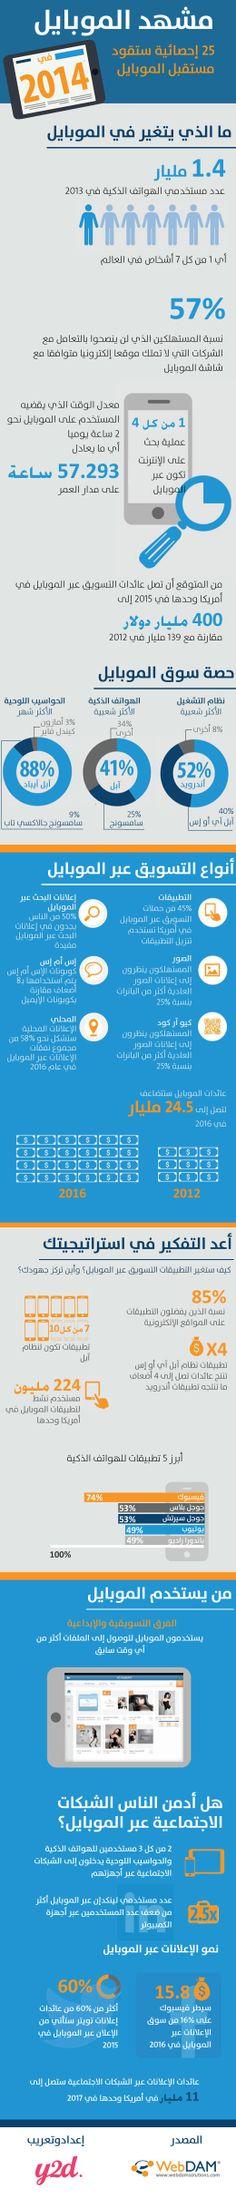 إنفوجرافيك:  إحصاءات وأرقام عن التسويق عبر الموبايل في 2014